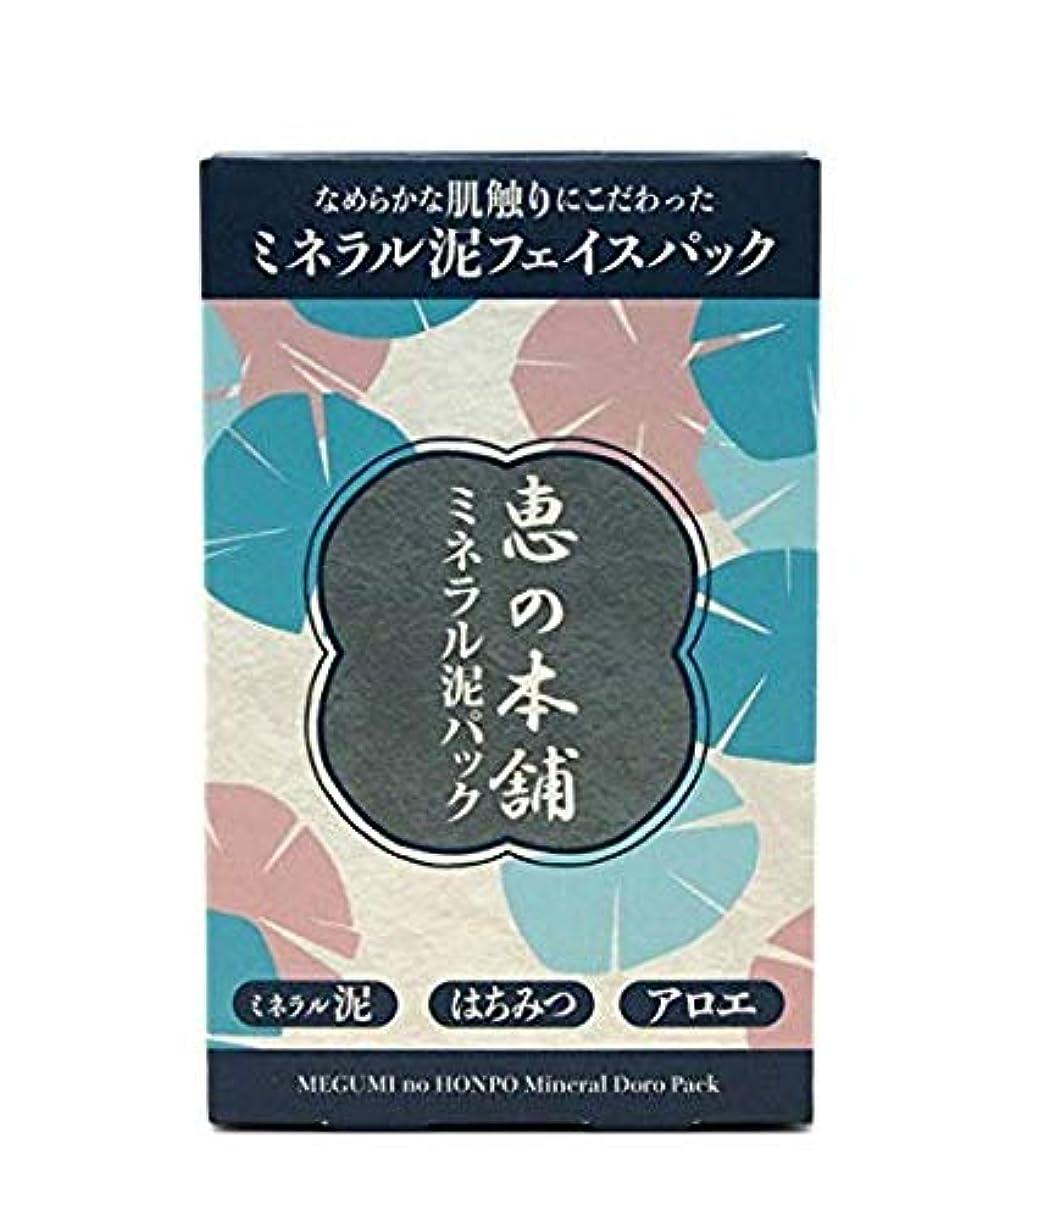 傷つける委託アーティファクト【10個セット】恵の本舗 ミネラル泥パック 100g